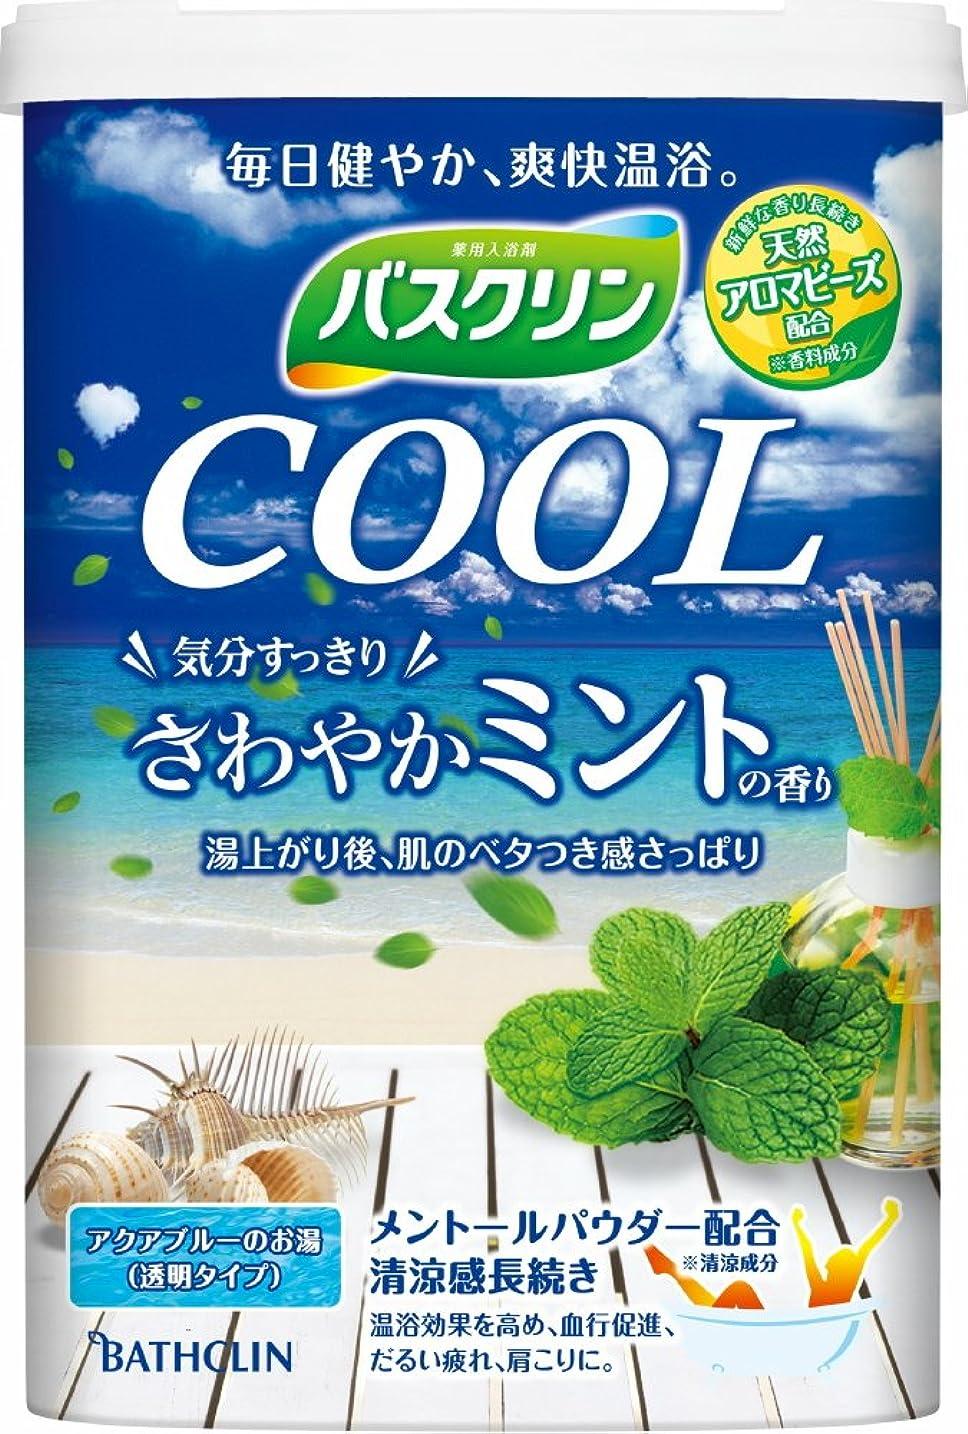 唇ブースストレンジャー【医薬部外品】バスクリン クール さわやかミントの香り600g 入浴剤